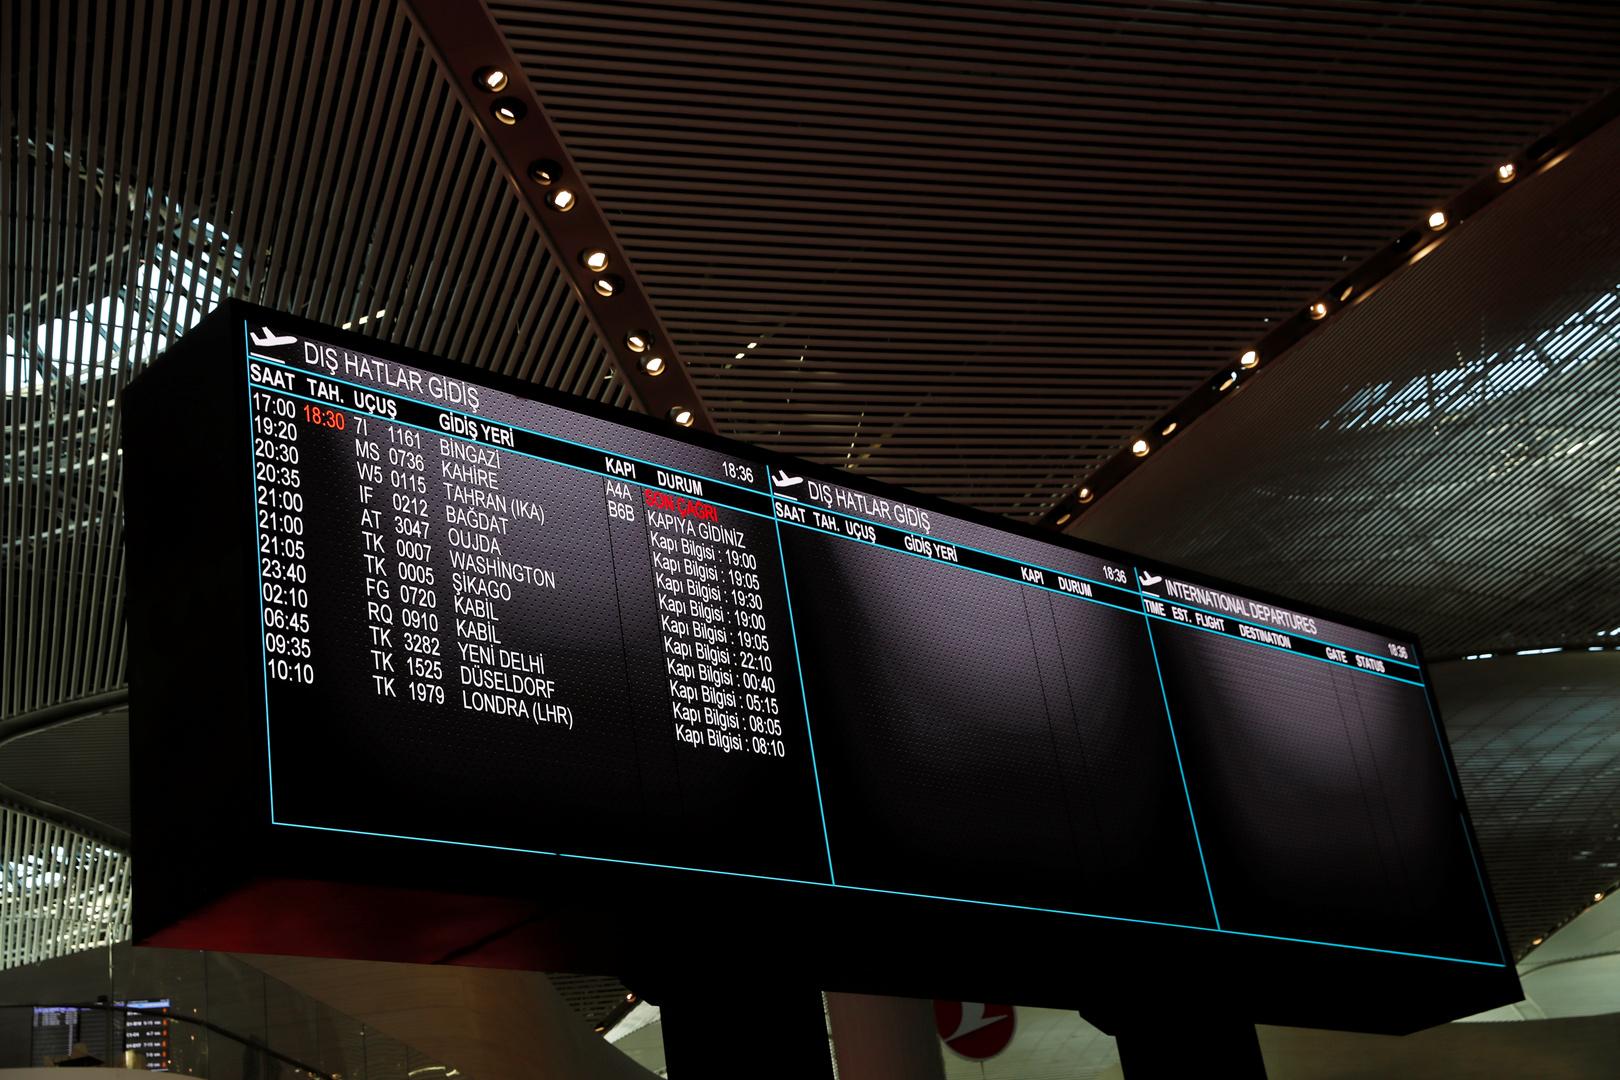 تركيا تعلن موعد استئناف الرحلات الجوية مع روسيا